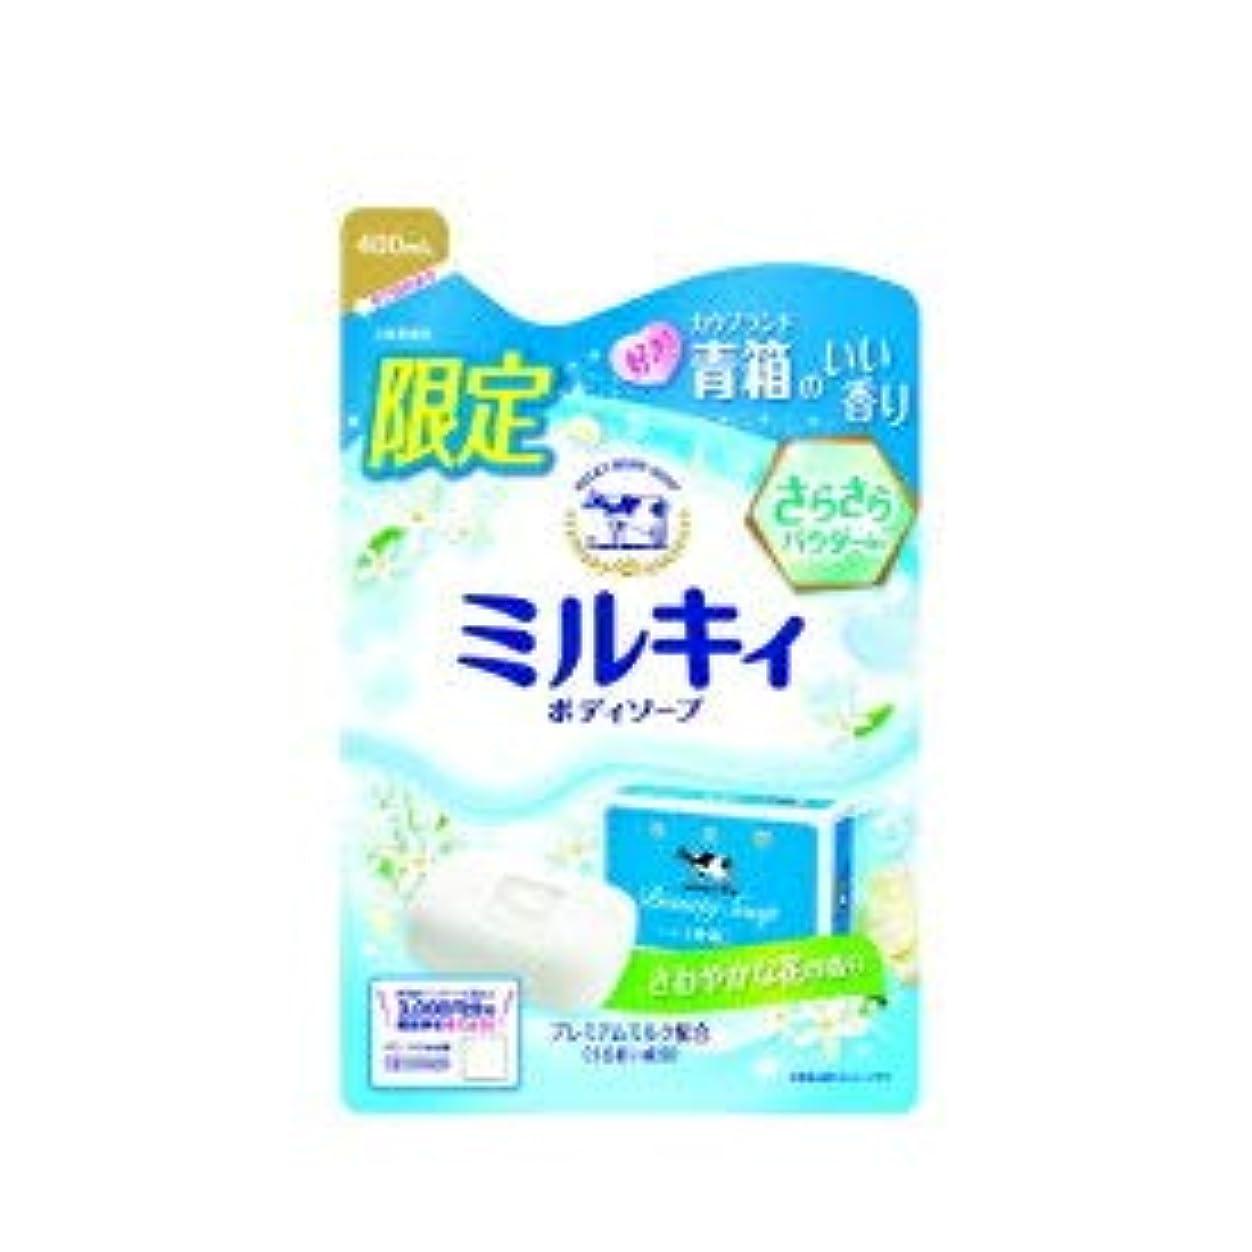 れんが彼らのさわやか【限定】ミルキィボディソープ 青箱の香り 詰替 400ml